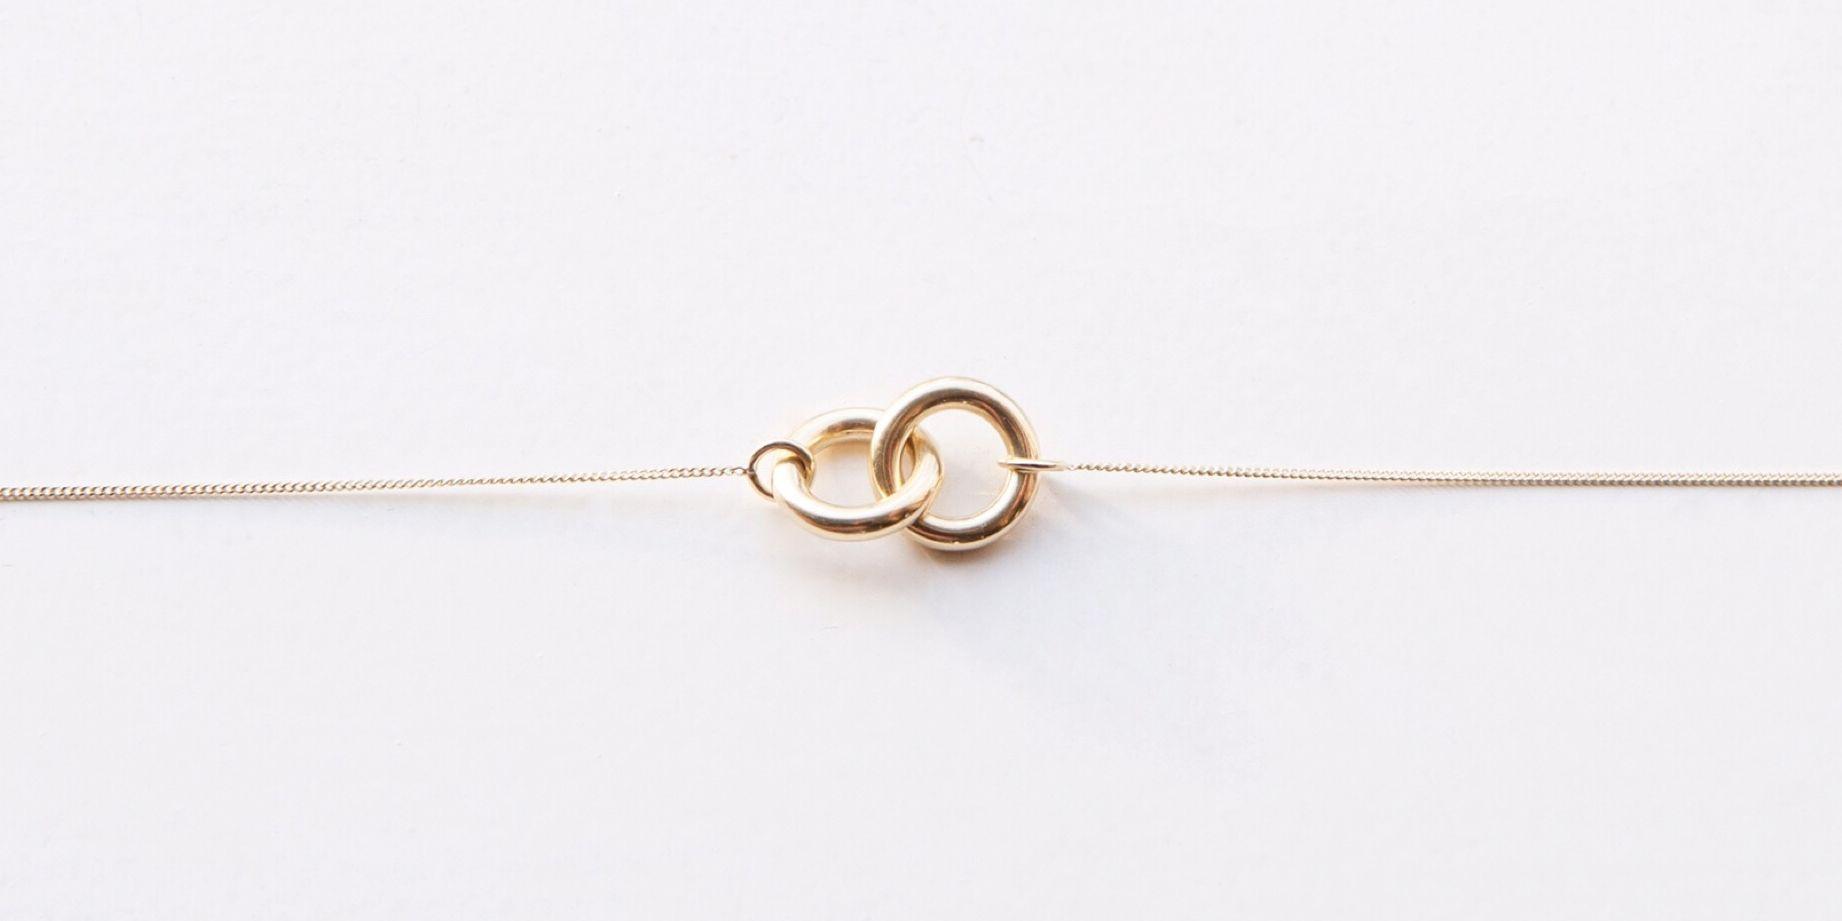 Sieradenmerk Nowa maakt sieraden die zijngemaakt van goud en zilver uit oude mobieltjes